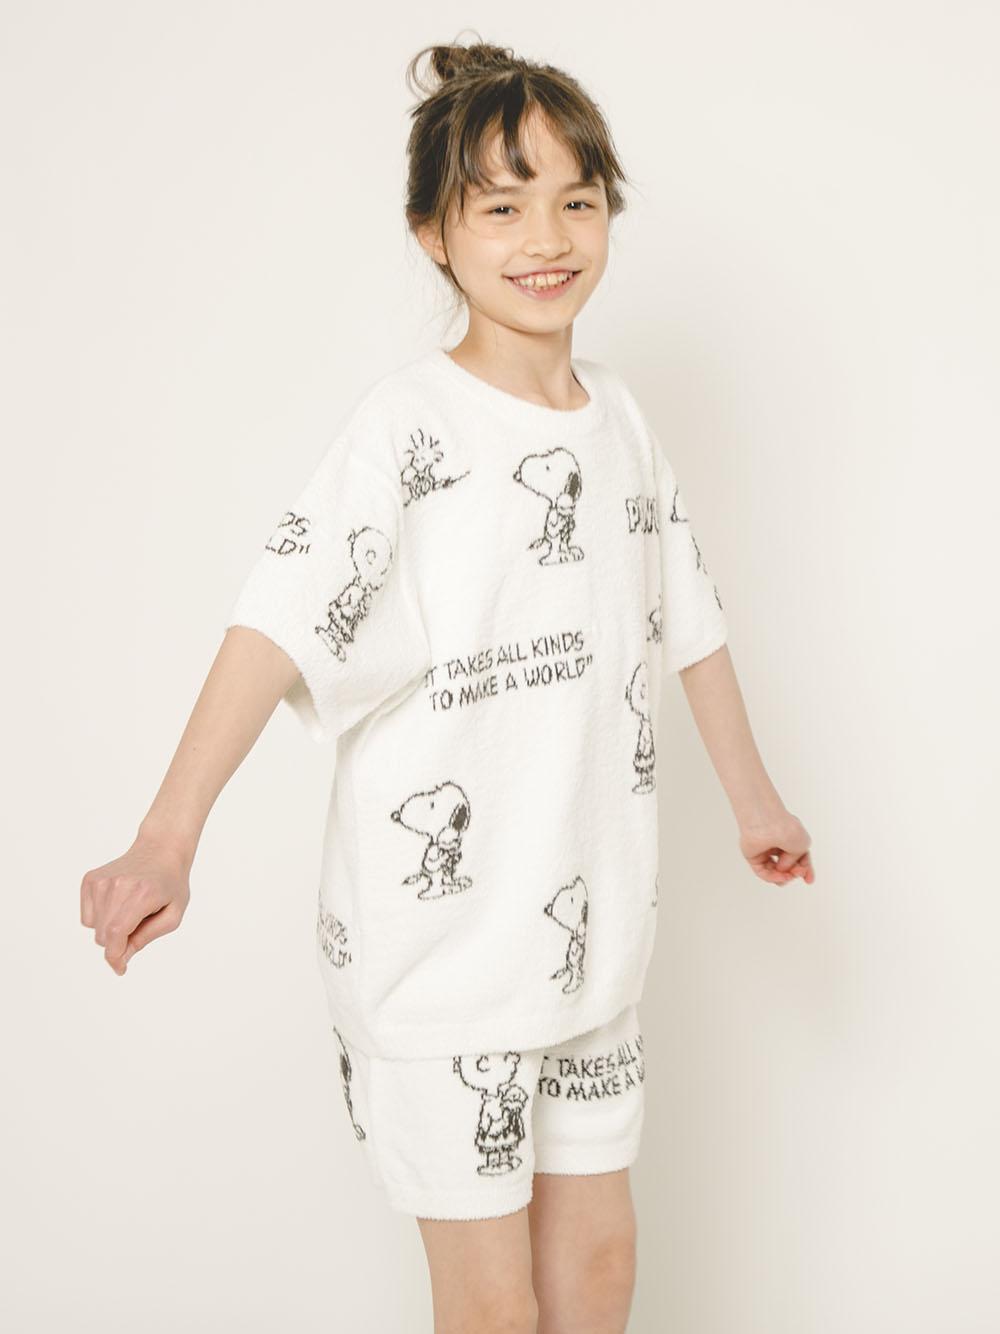 【オフィシャルオンラインストア限定】【PEANUTS】【junior】モノグラムジャガードプルオーバー&ショートパンツSET | PJNT212483